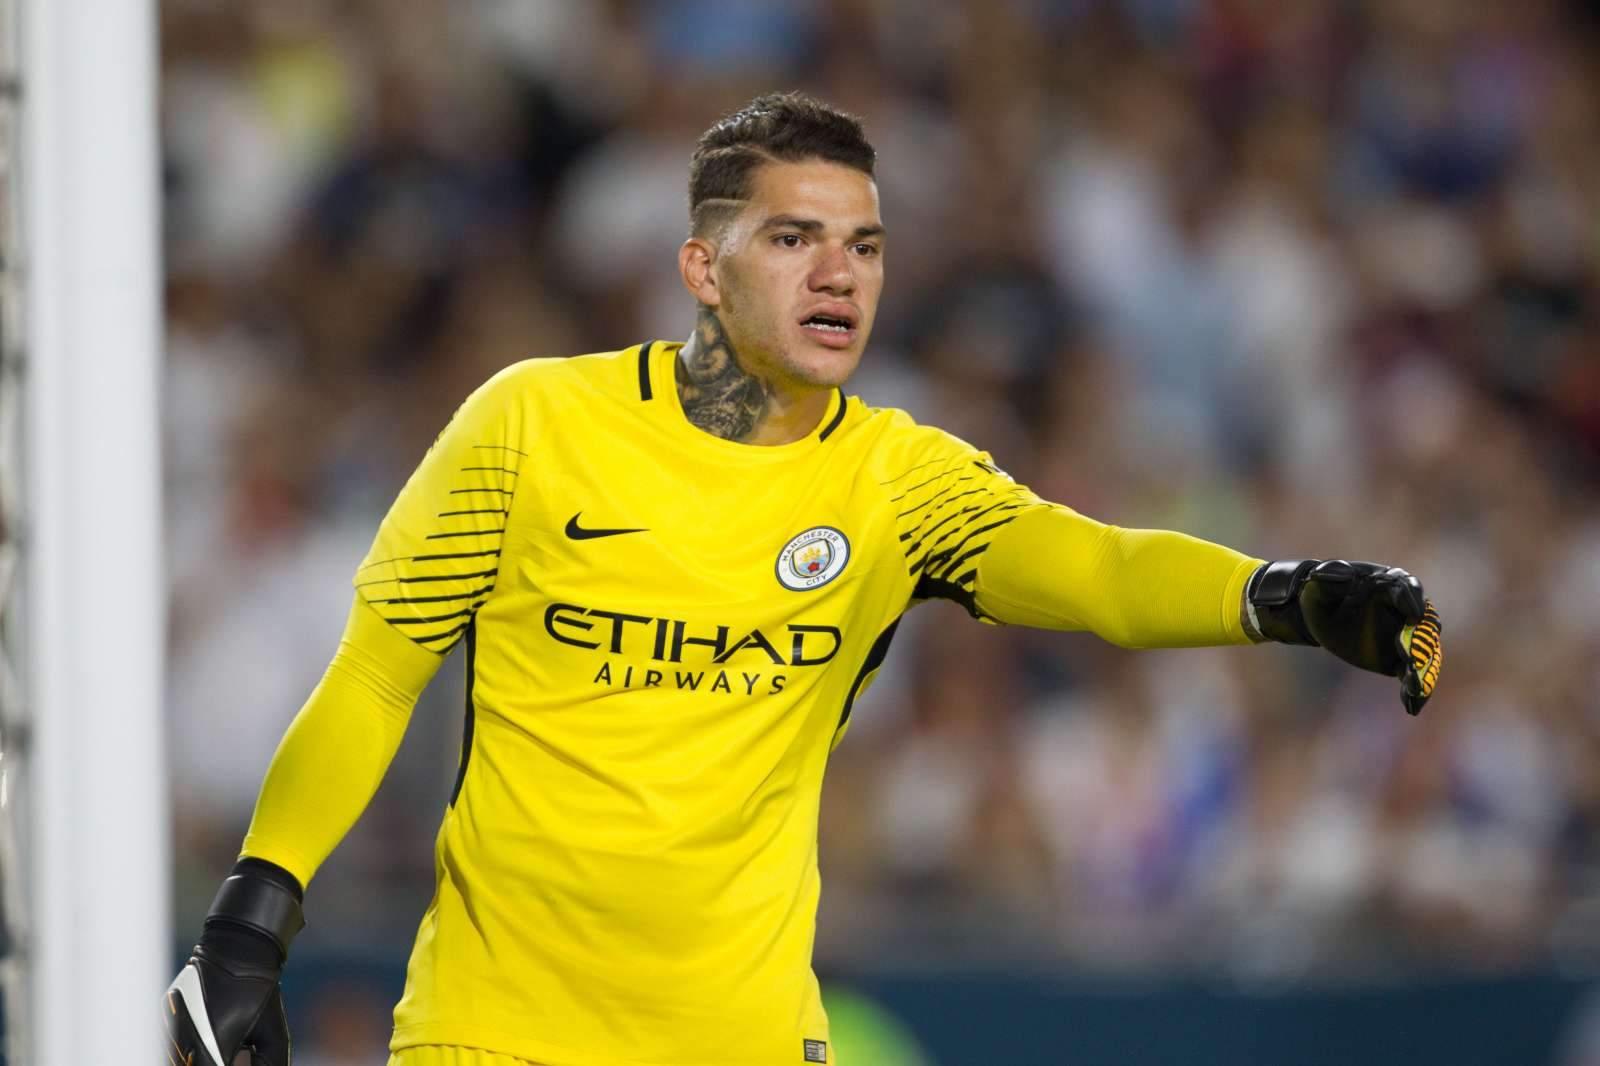 ФИФА может отозвать запрет на футболистов из Бразилии, выступающих в АПЛ